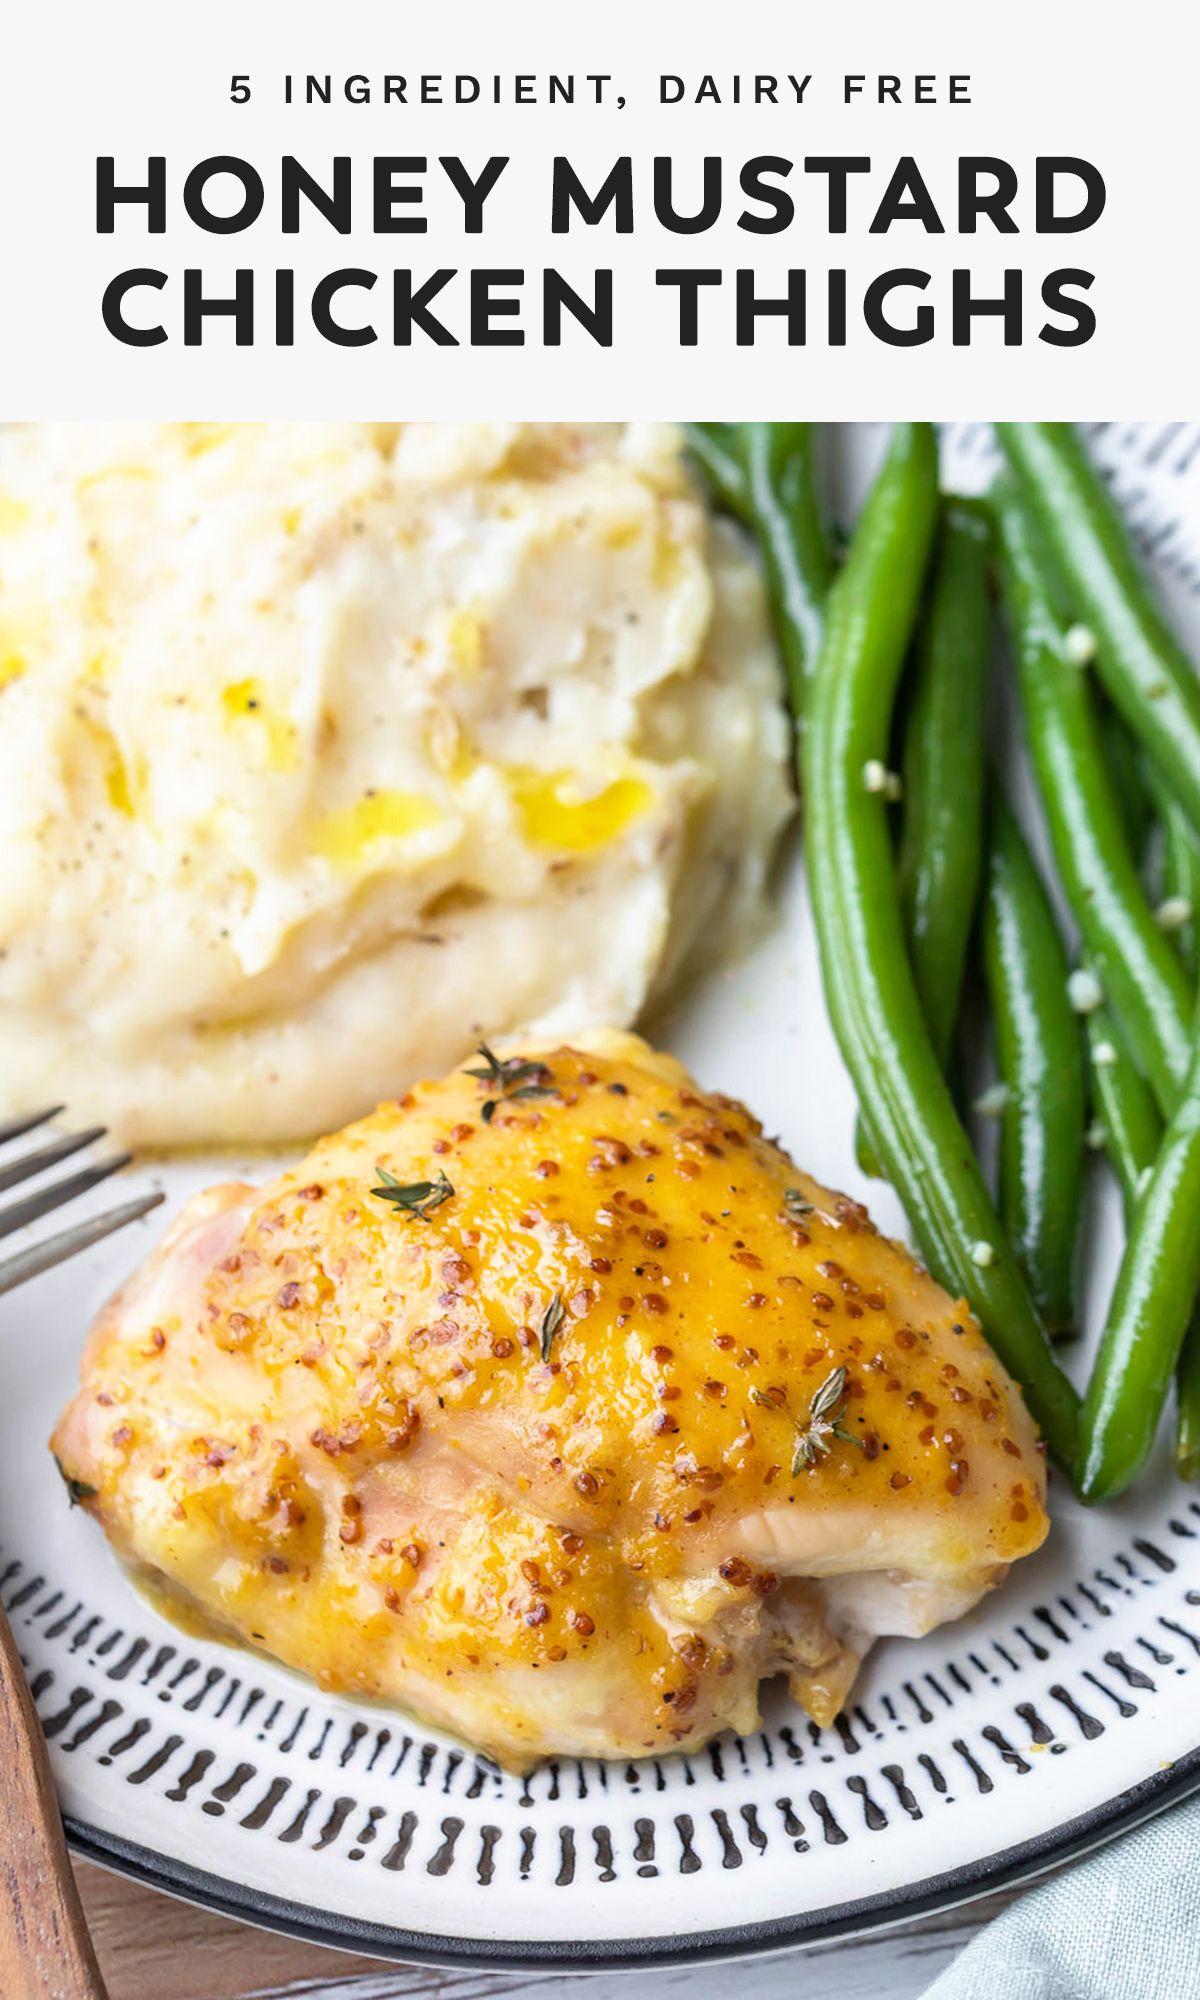 Baked Honey Mustard Chicken Thighs Recipe Dairy Free Recipes Dinner Dairy Free Dinner Baked Dinner